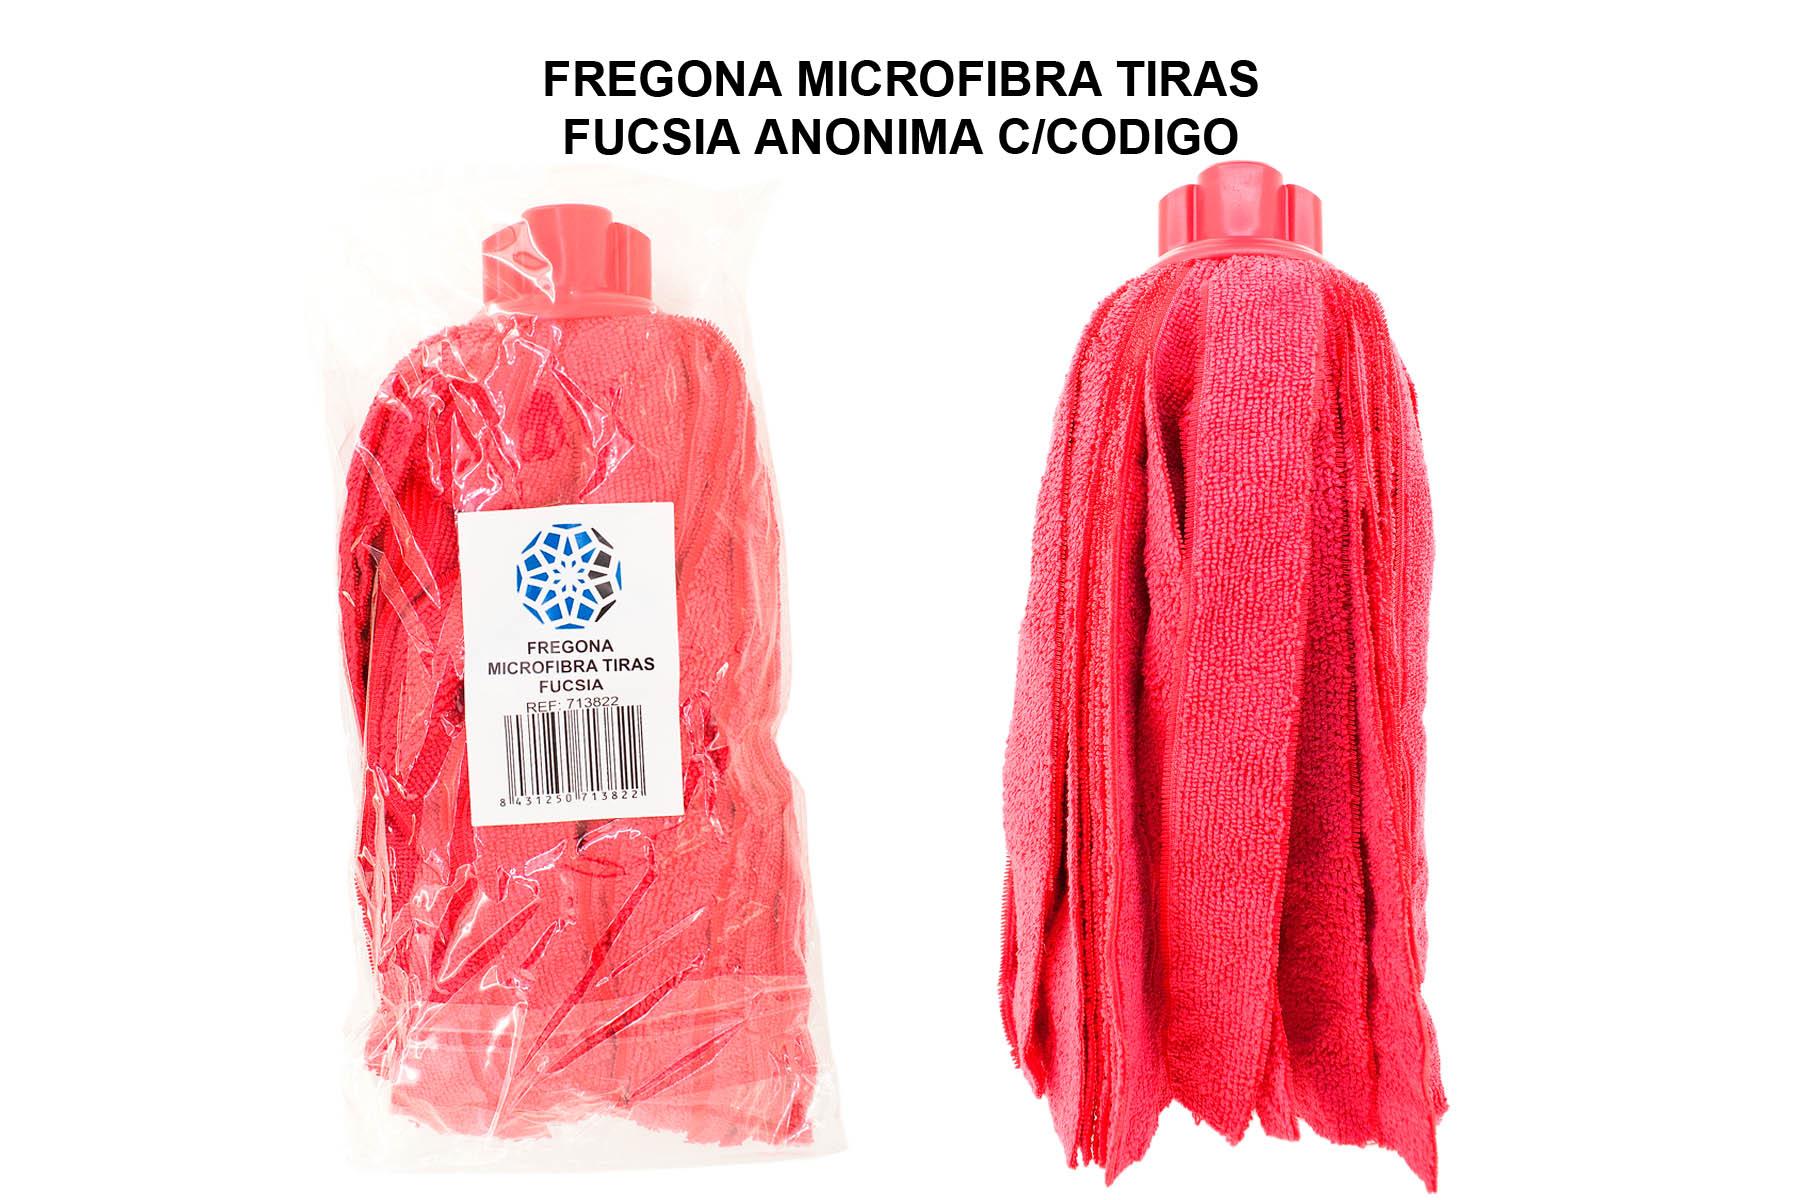 FREGONA MICROFIBRA TIRAS FUCSIA ANONIMA TECK